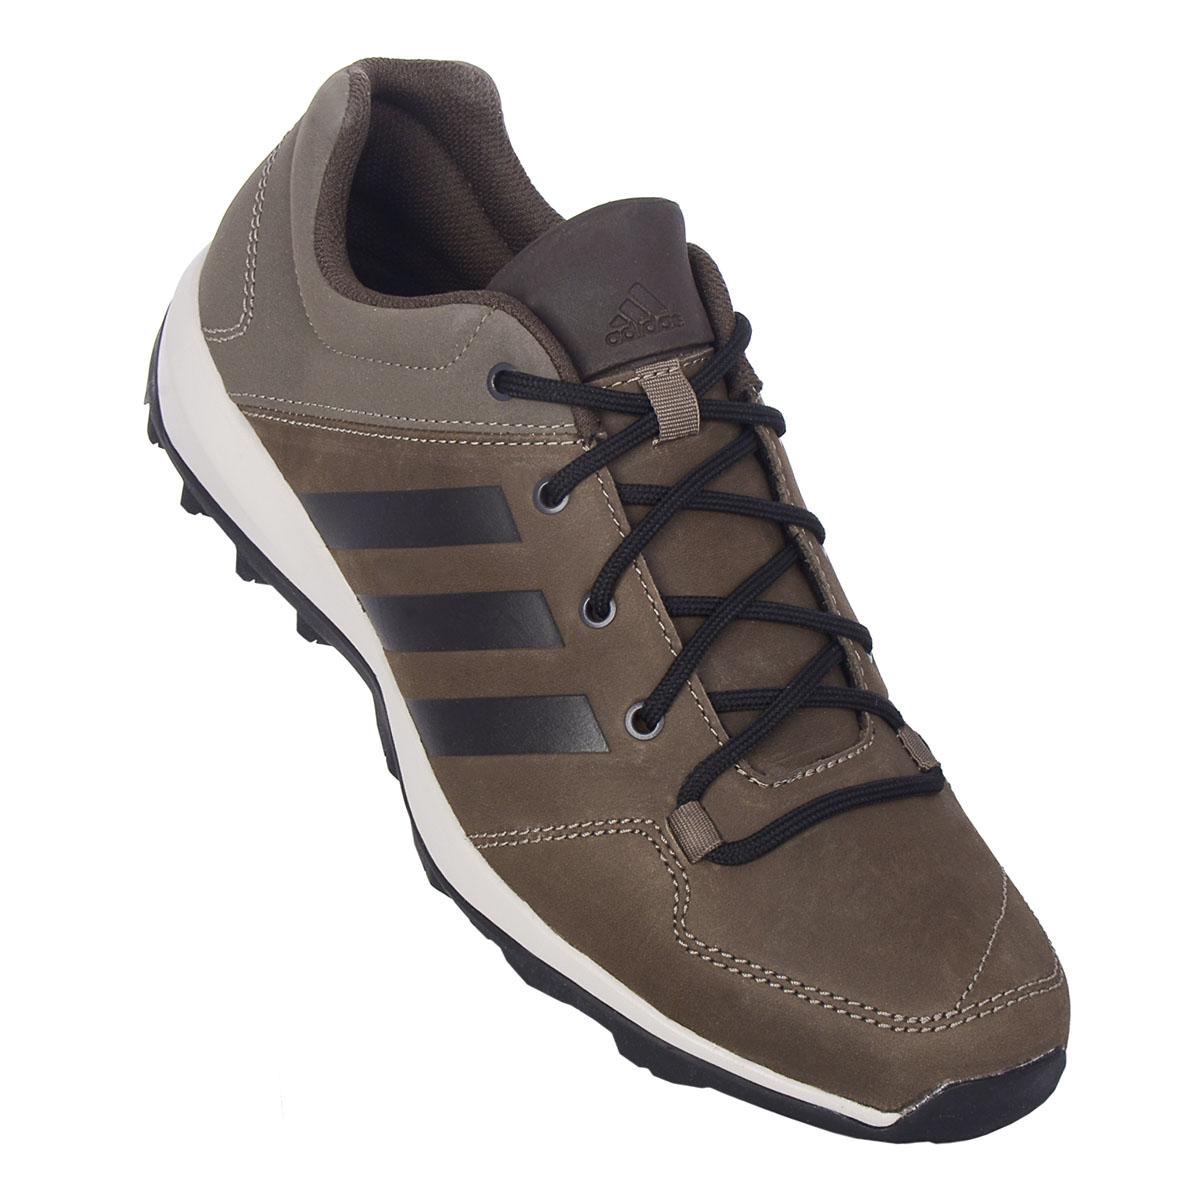 quality design 159a3 e26fa NEU adidas Daroga Plus Lea Herren Schuhe Braun AQ3978 SALE